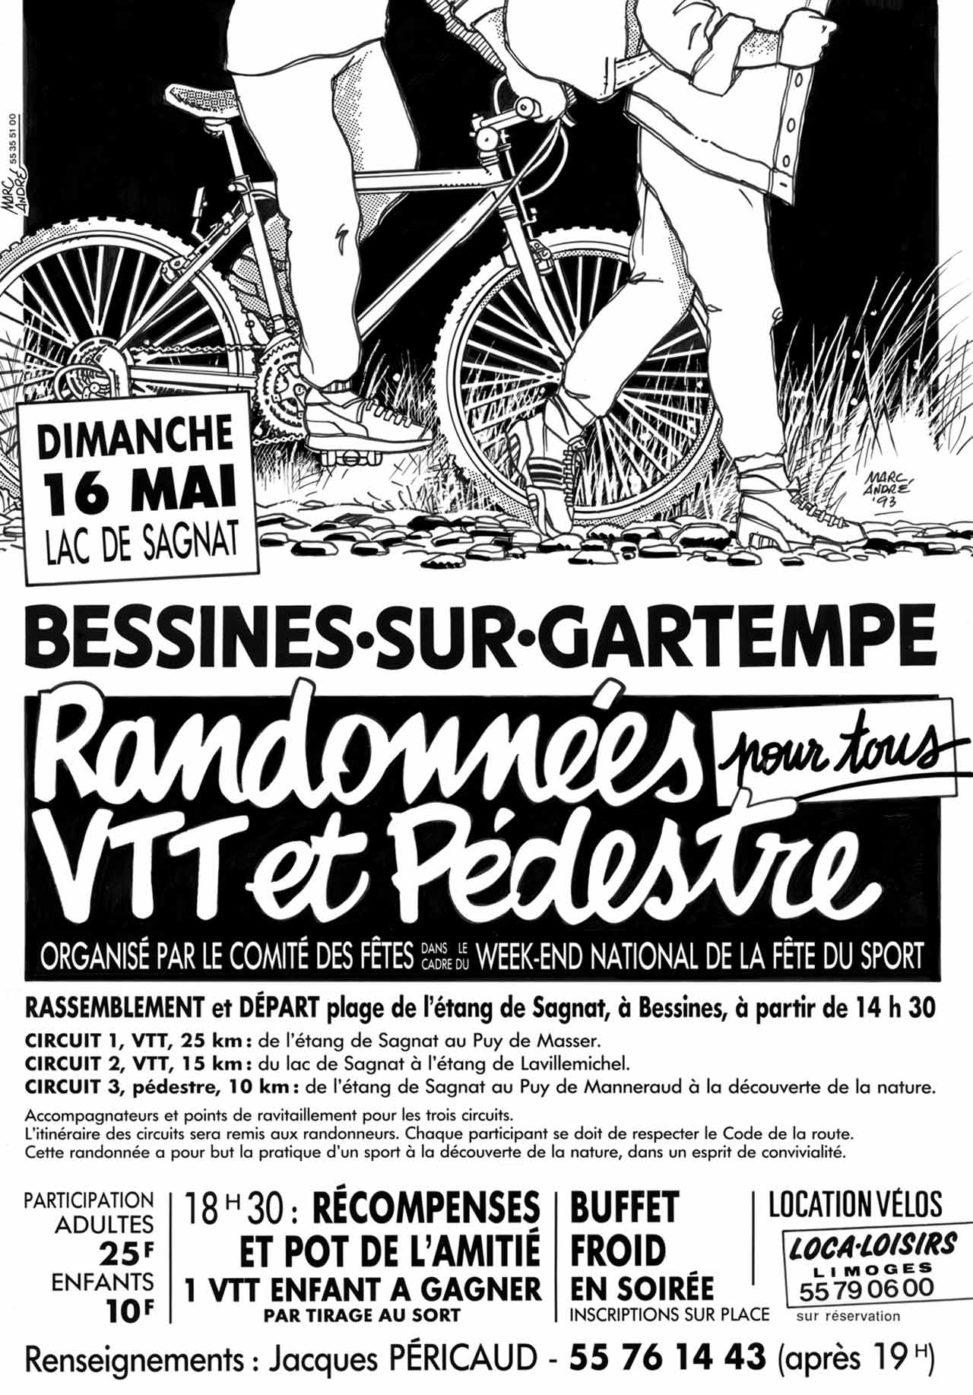 Affiche Randonnées VTT et pédestre Comité des Fêtes de Bessines